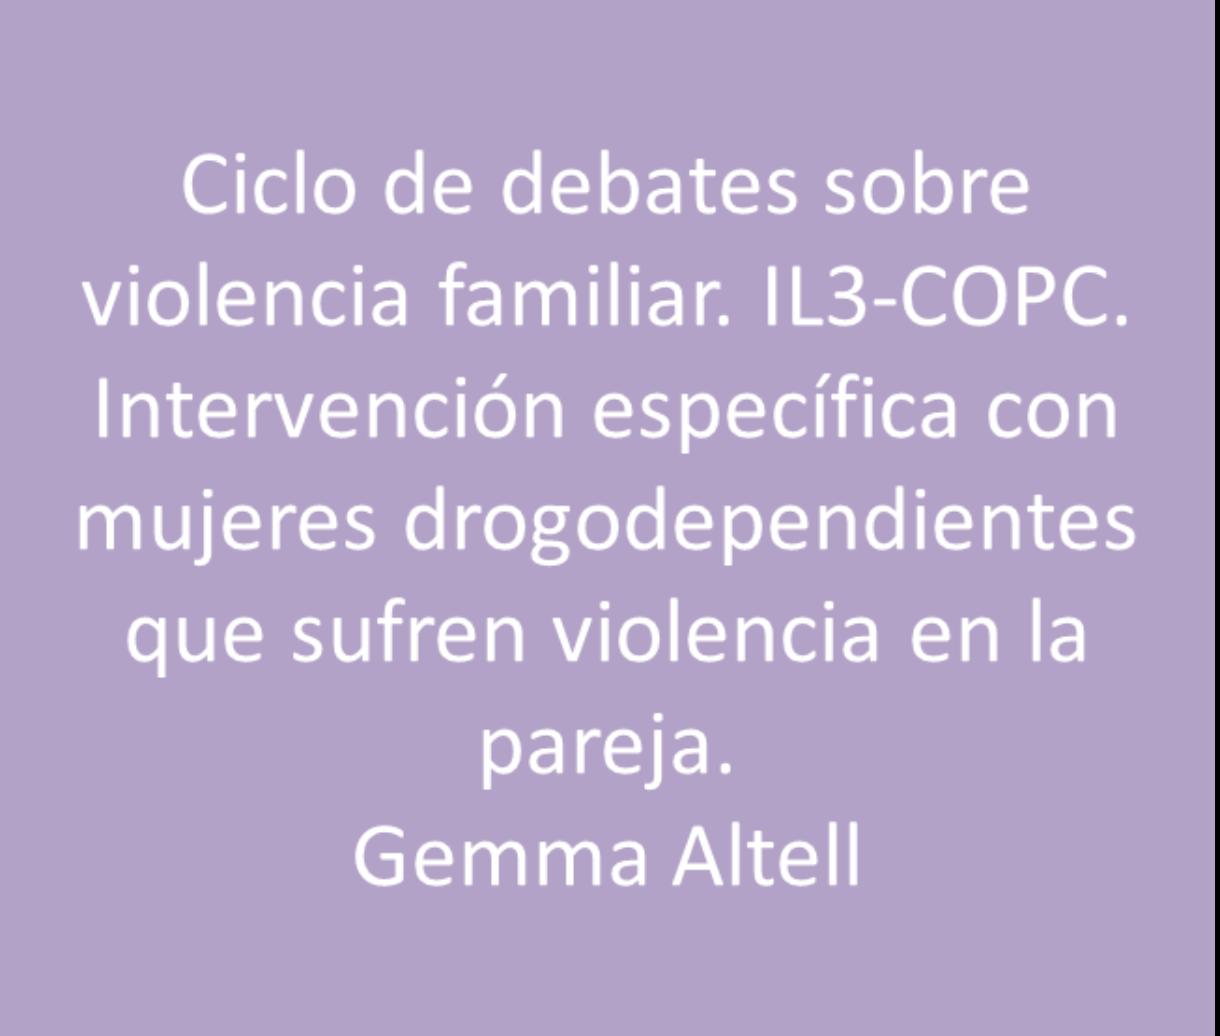 Altell, Gemma: intervención específica con mujeres drogodependientes que sufre violencia en la pareja